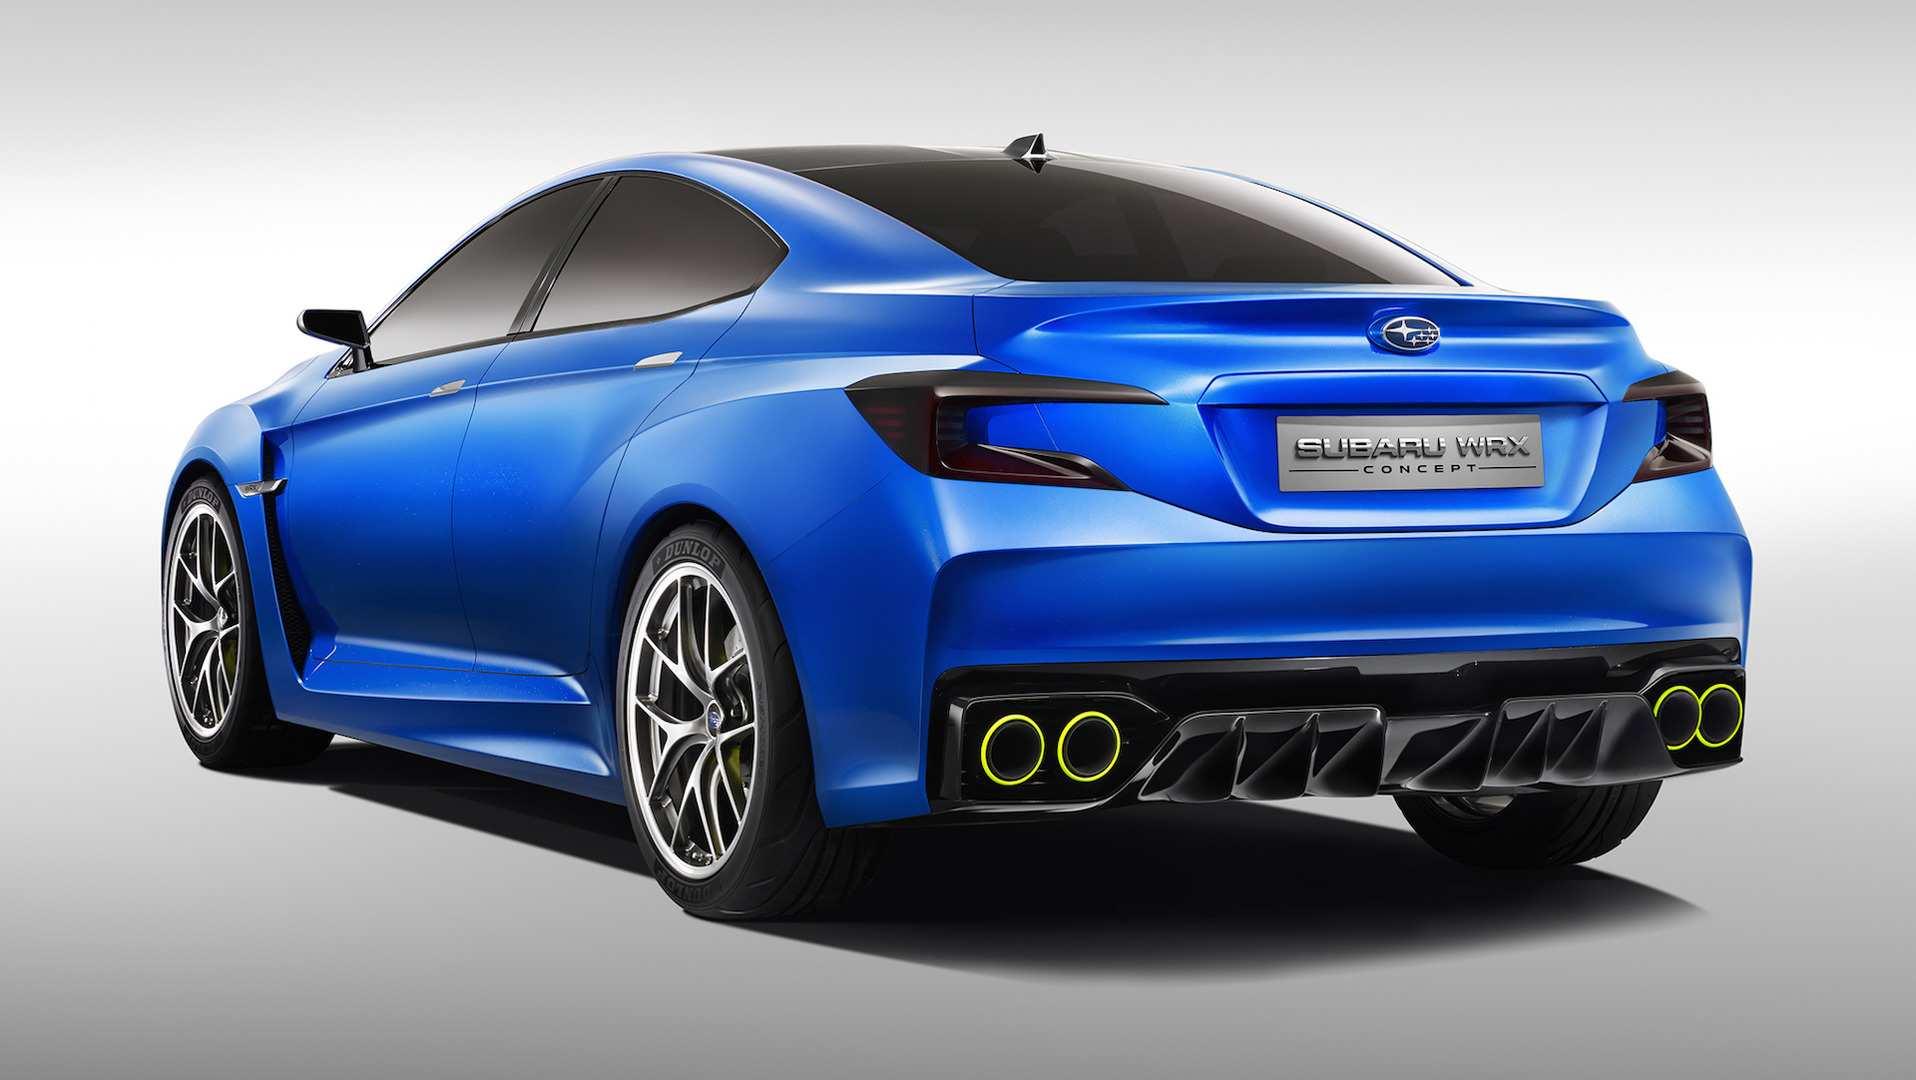 20 Great Subaru Sti 2020 Concept Overview for Subaru Sti 2020 Concept